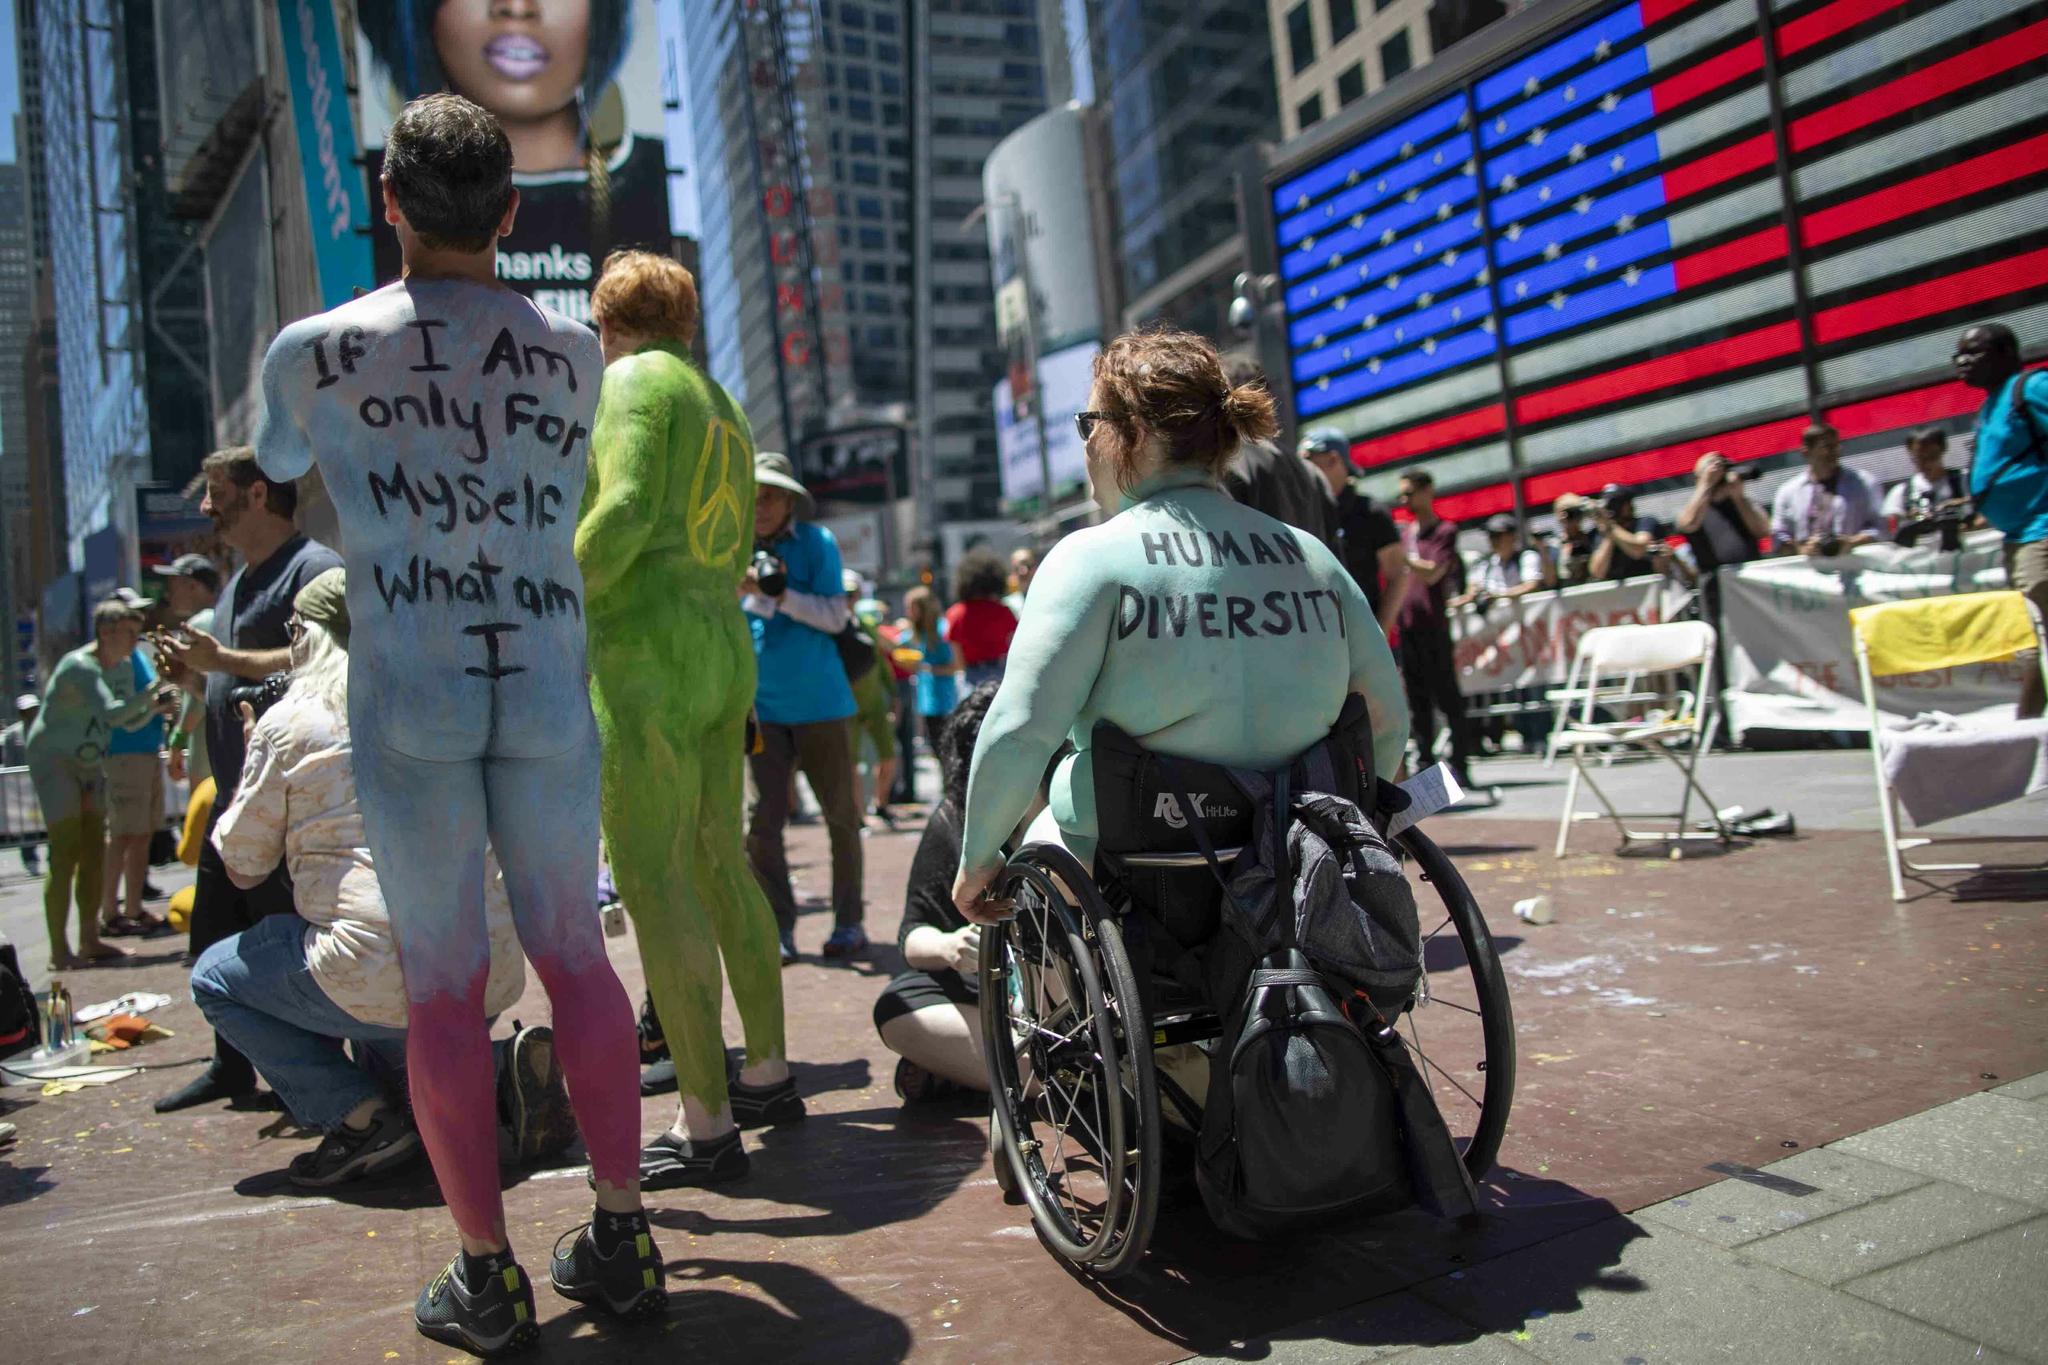 휠체어를 타고 시위에 참여한 사맨사 월시(오른쪽). 월시의 등에 '인간의 다양성'이란 문구가 적혀져 있다. [AP=연합뉴스]